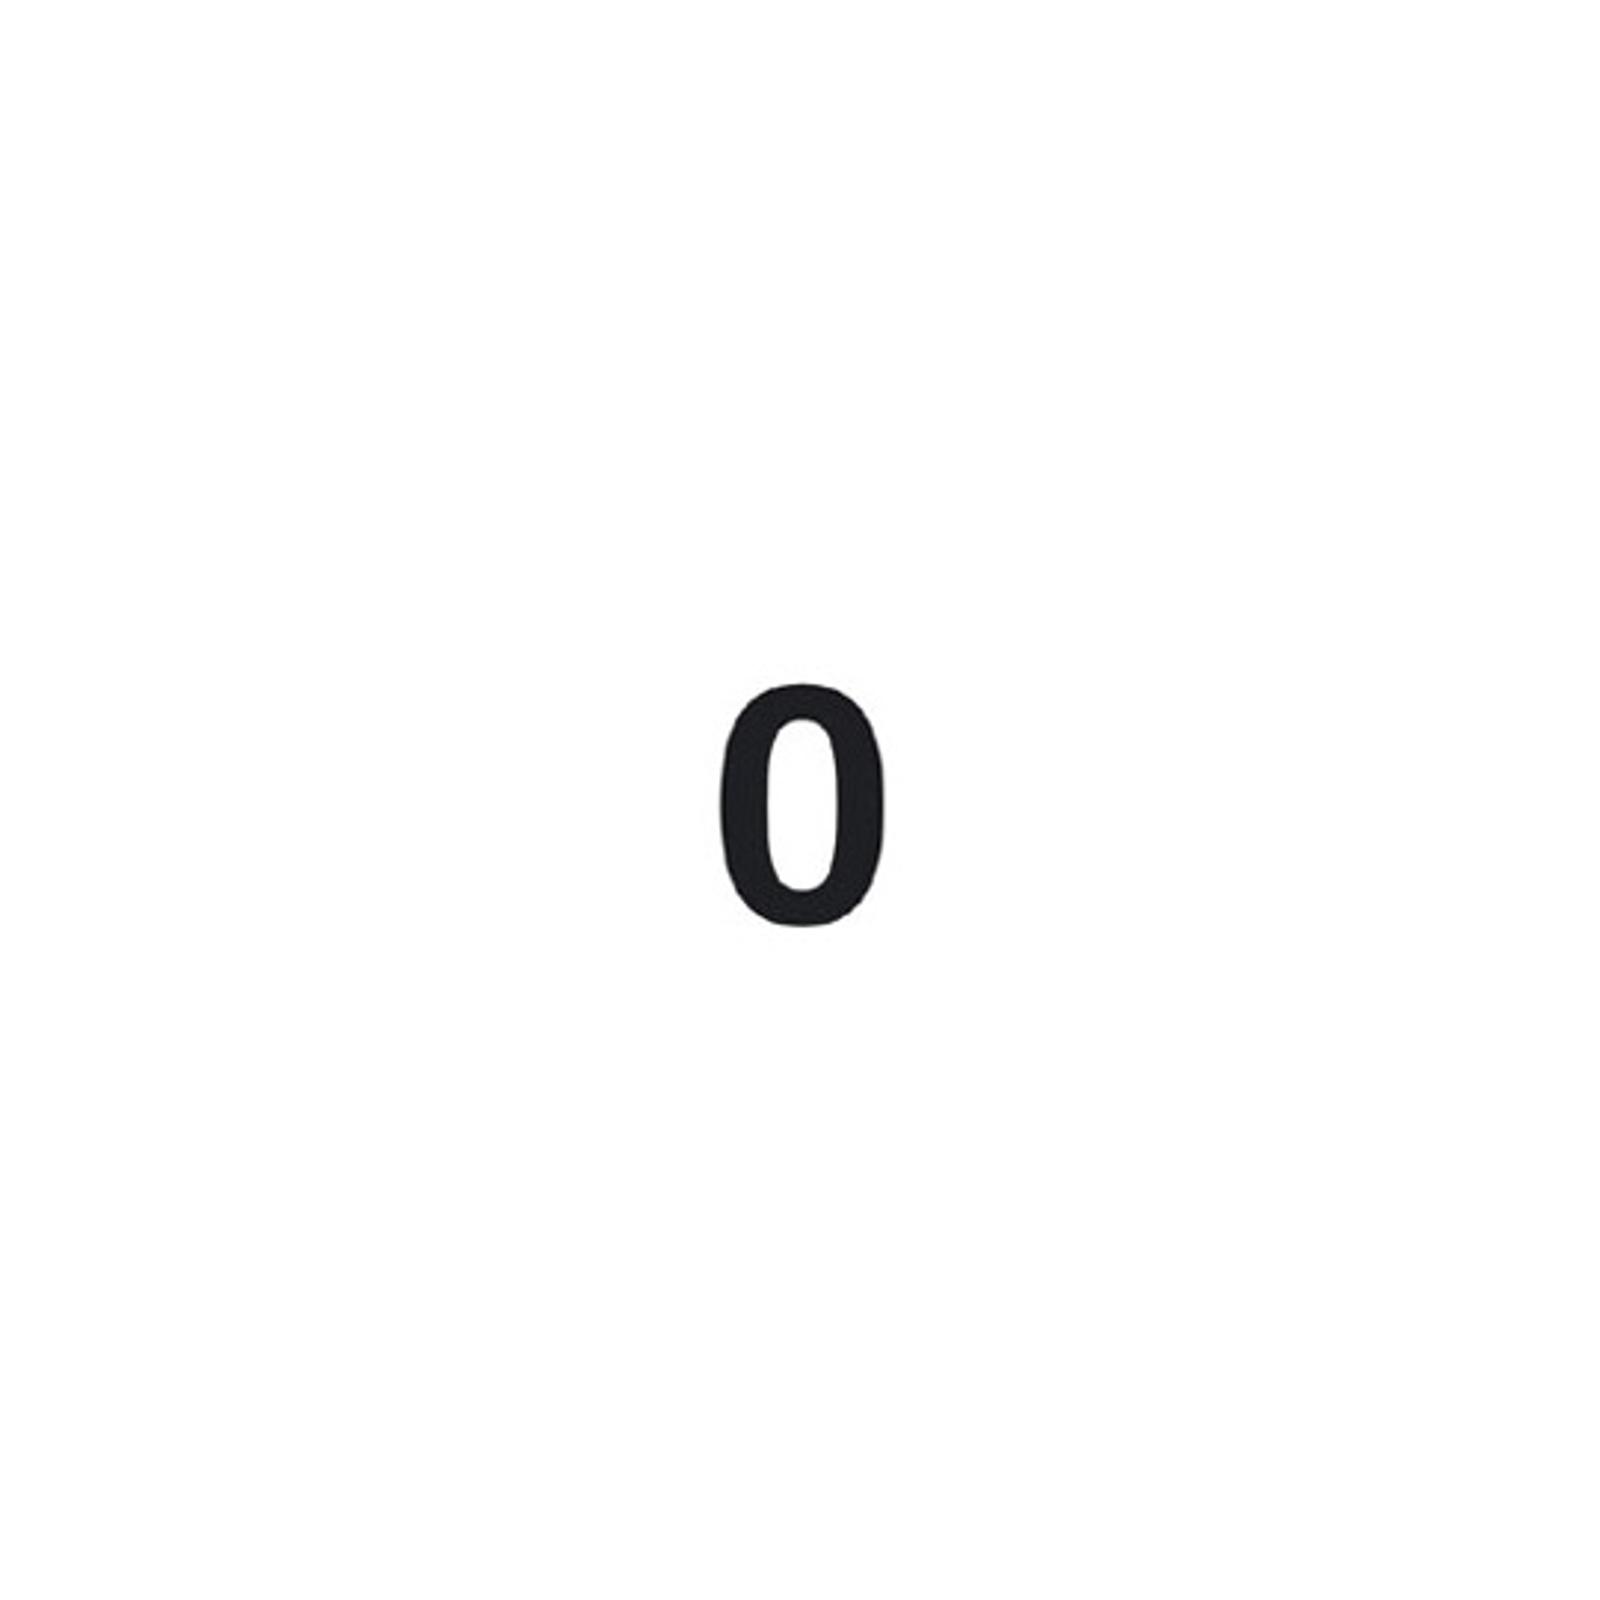 Zelfklevend cijfer 0